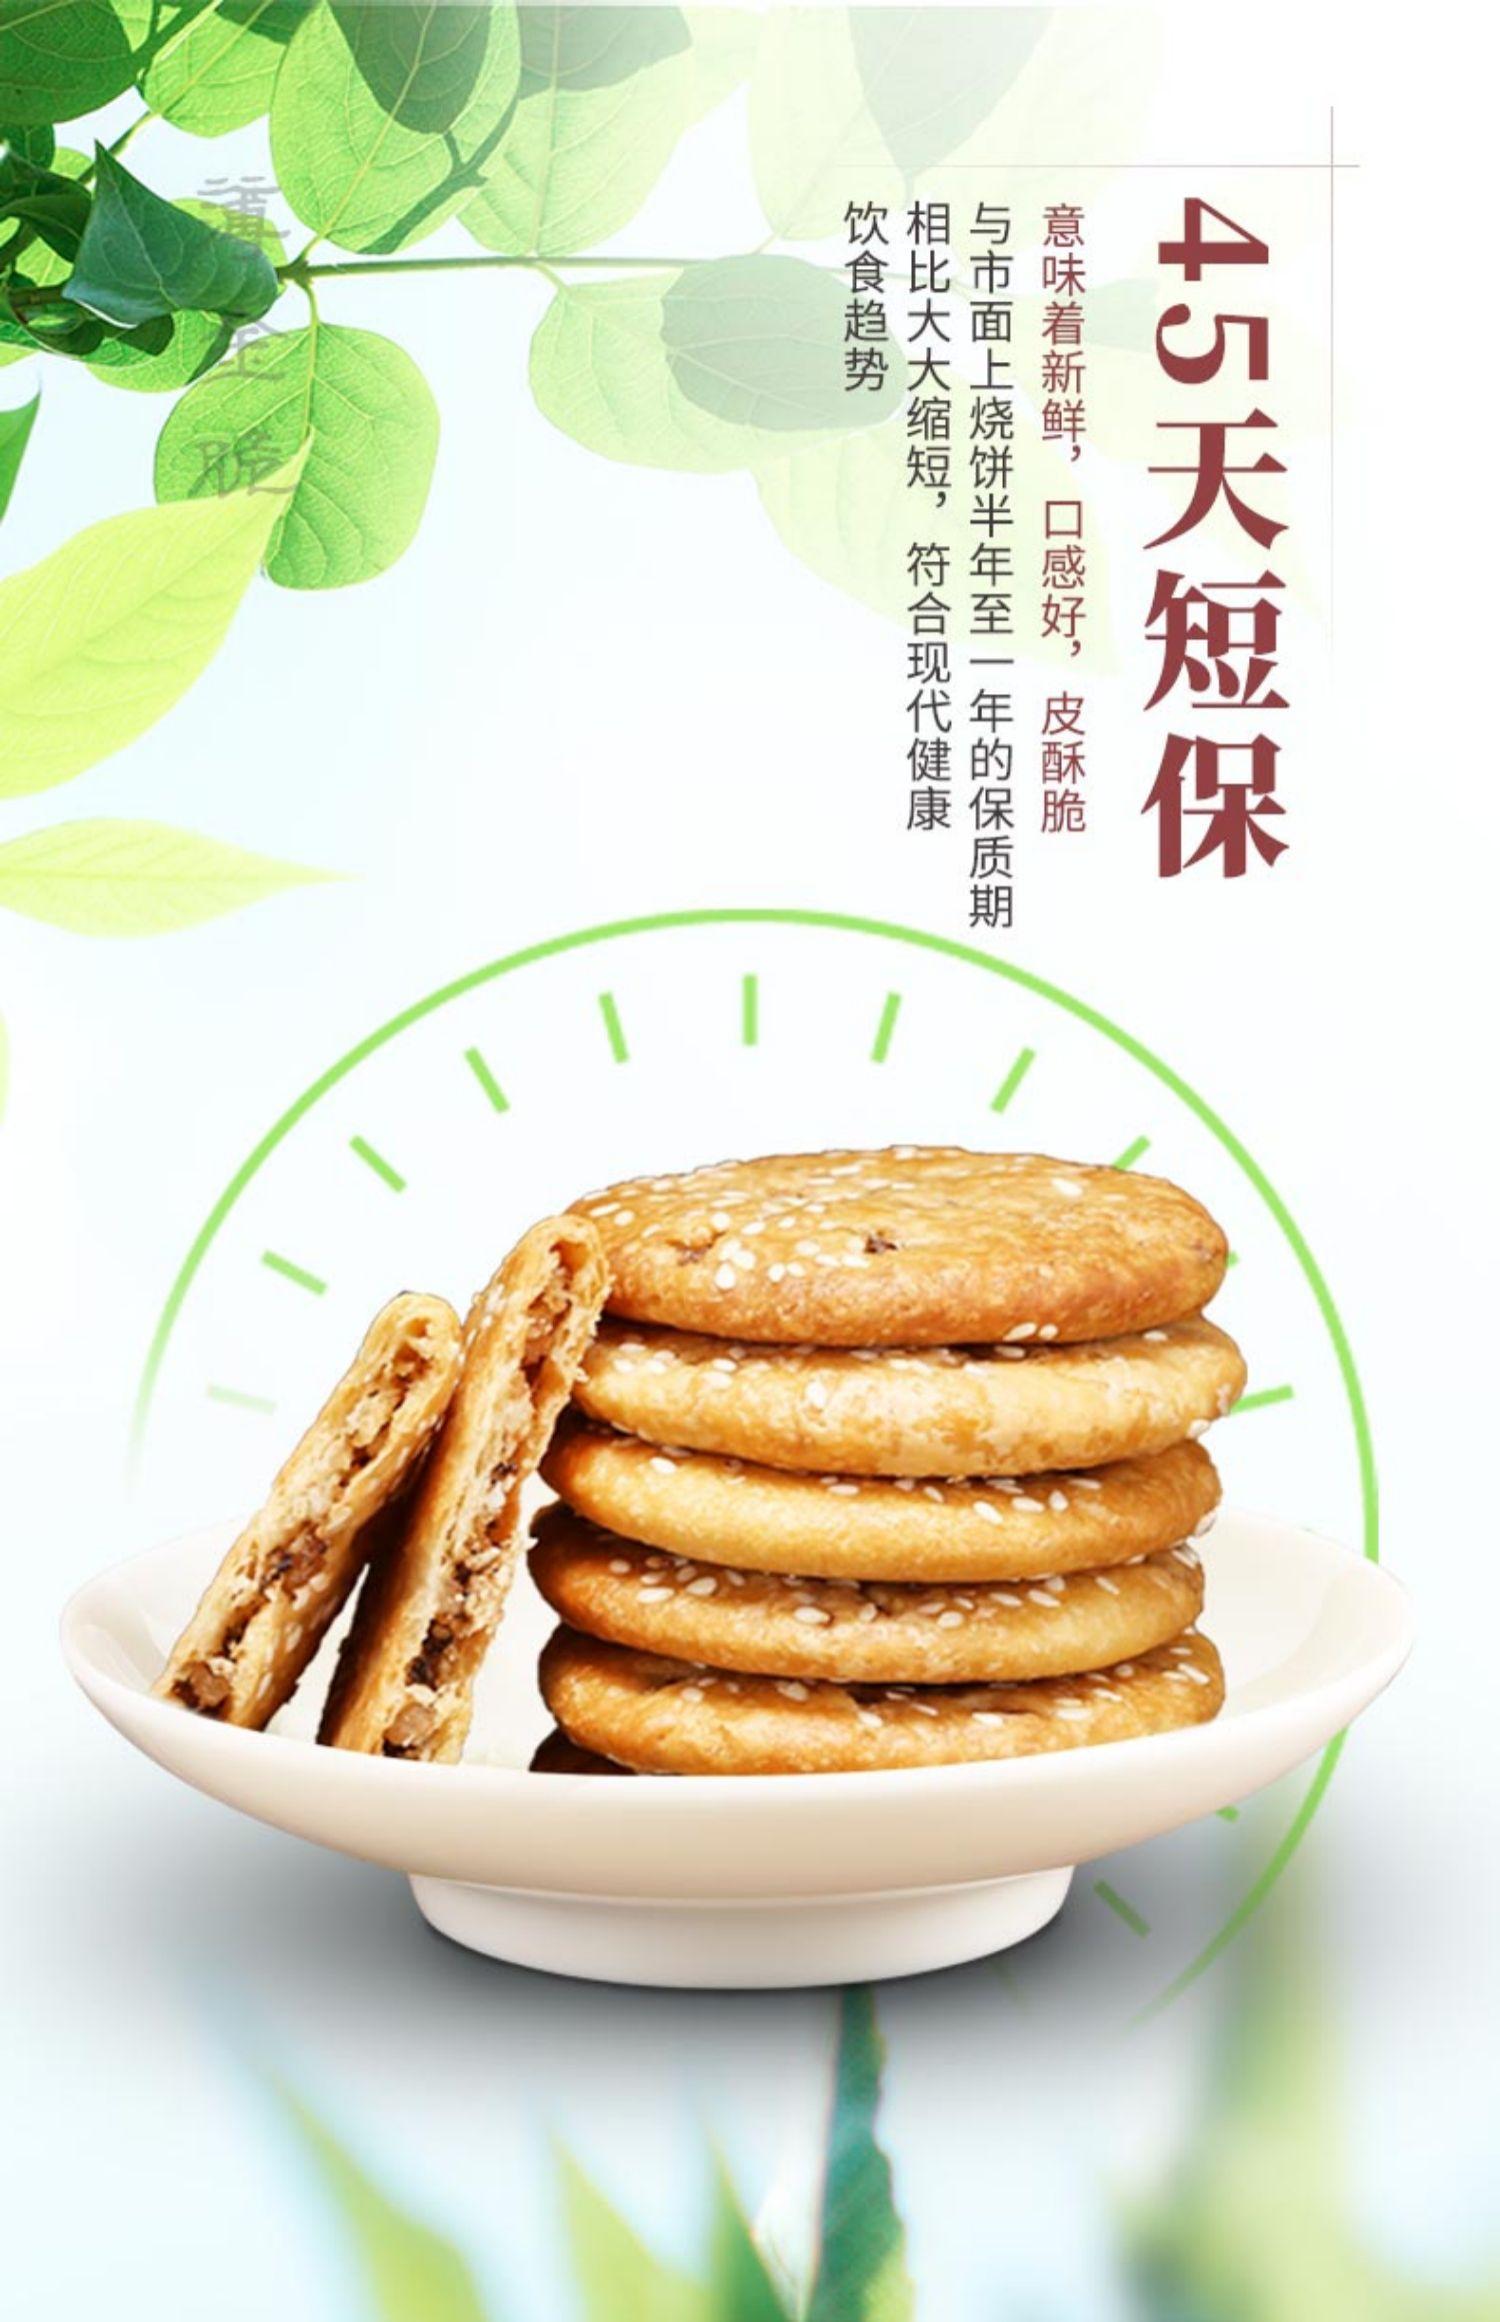 超港黄山烧饼正宗梅干菜扣肉好吃的网红零食黄山特产小吃薄金脆商品详情图